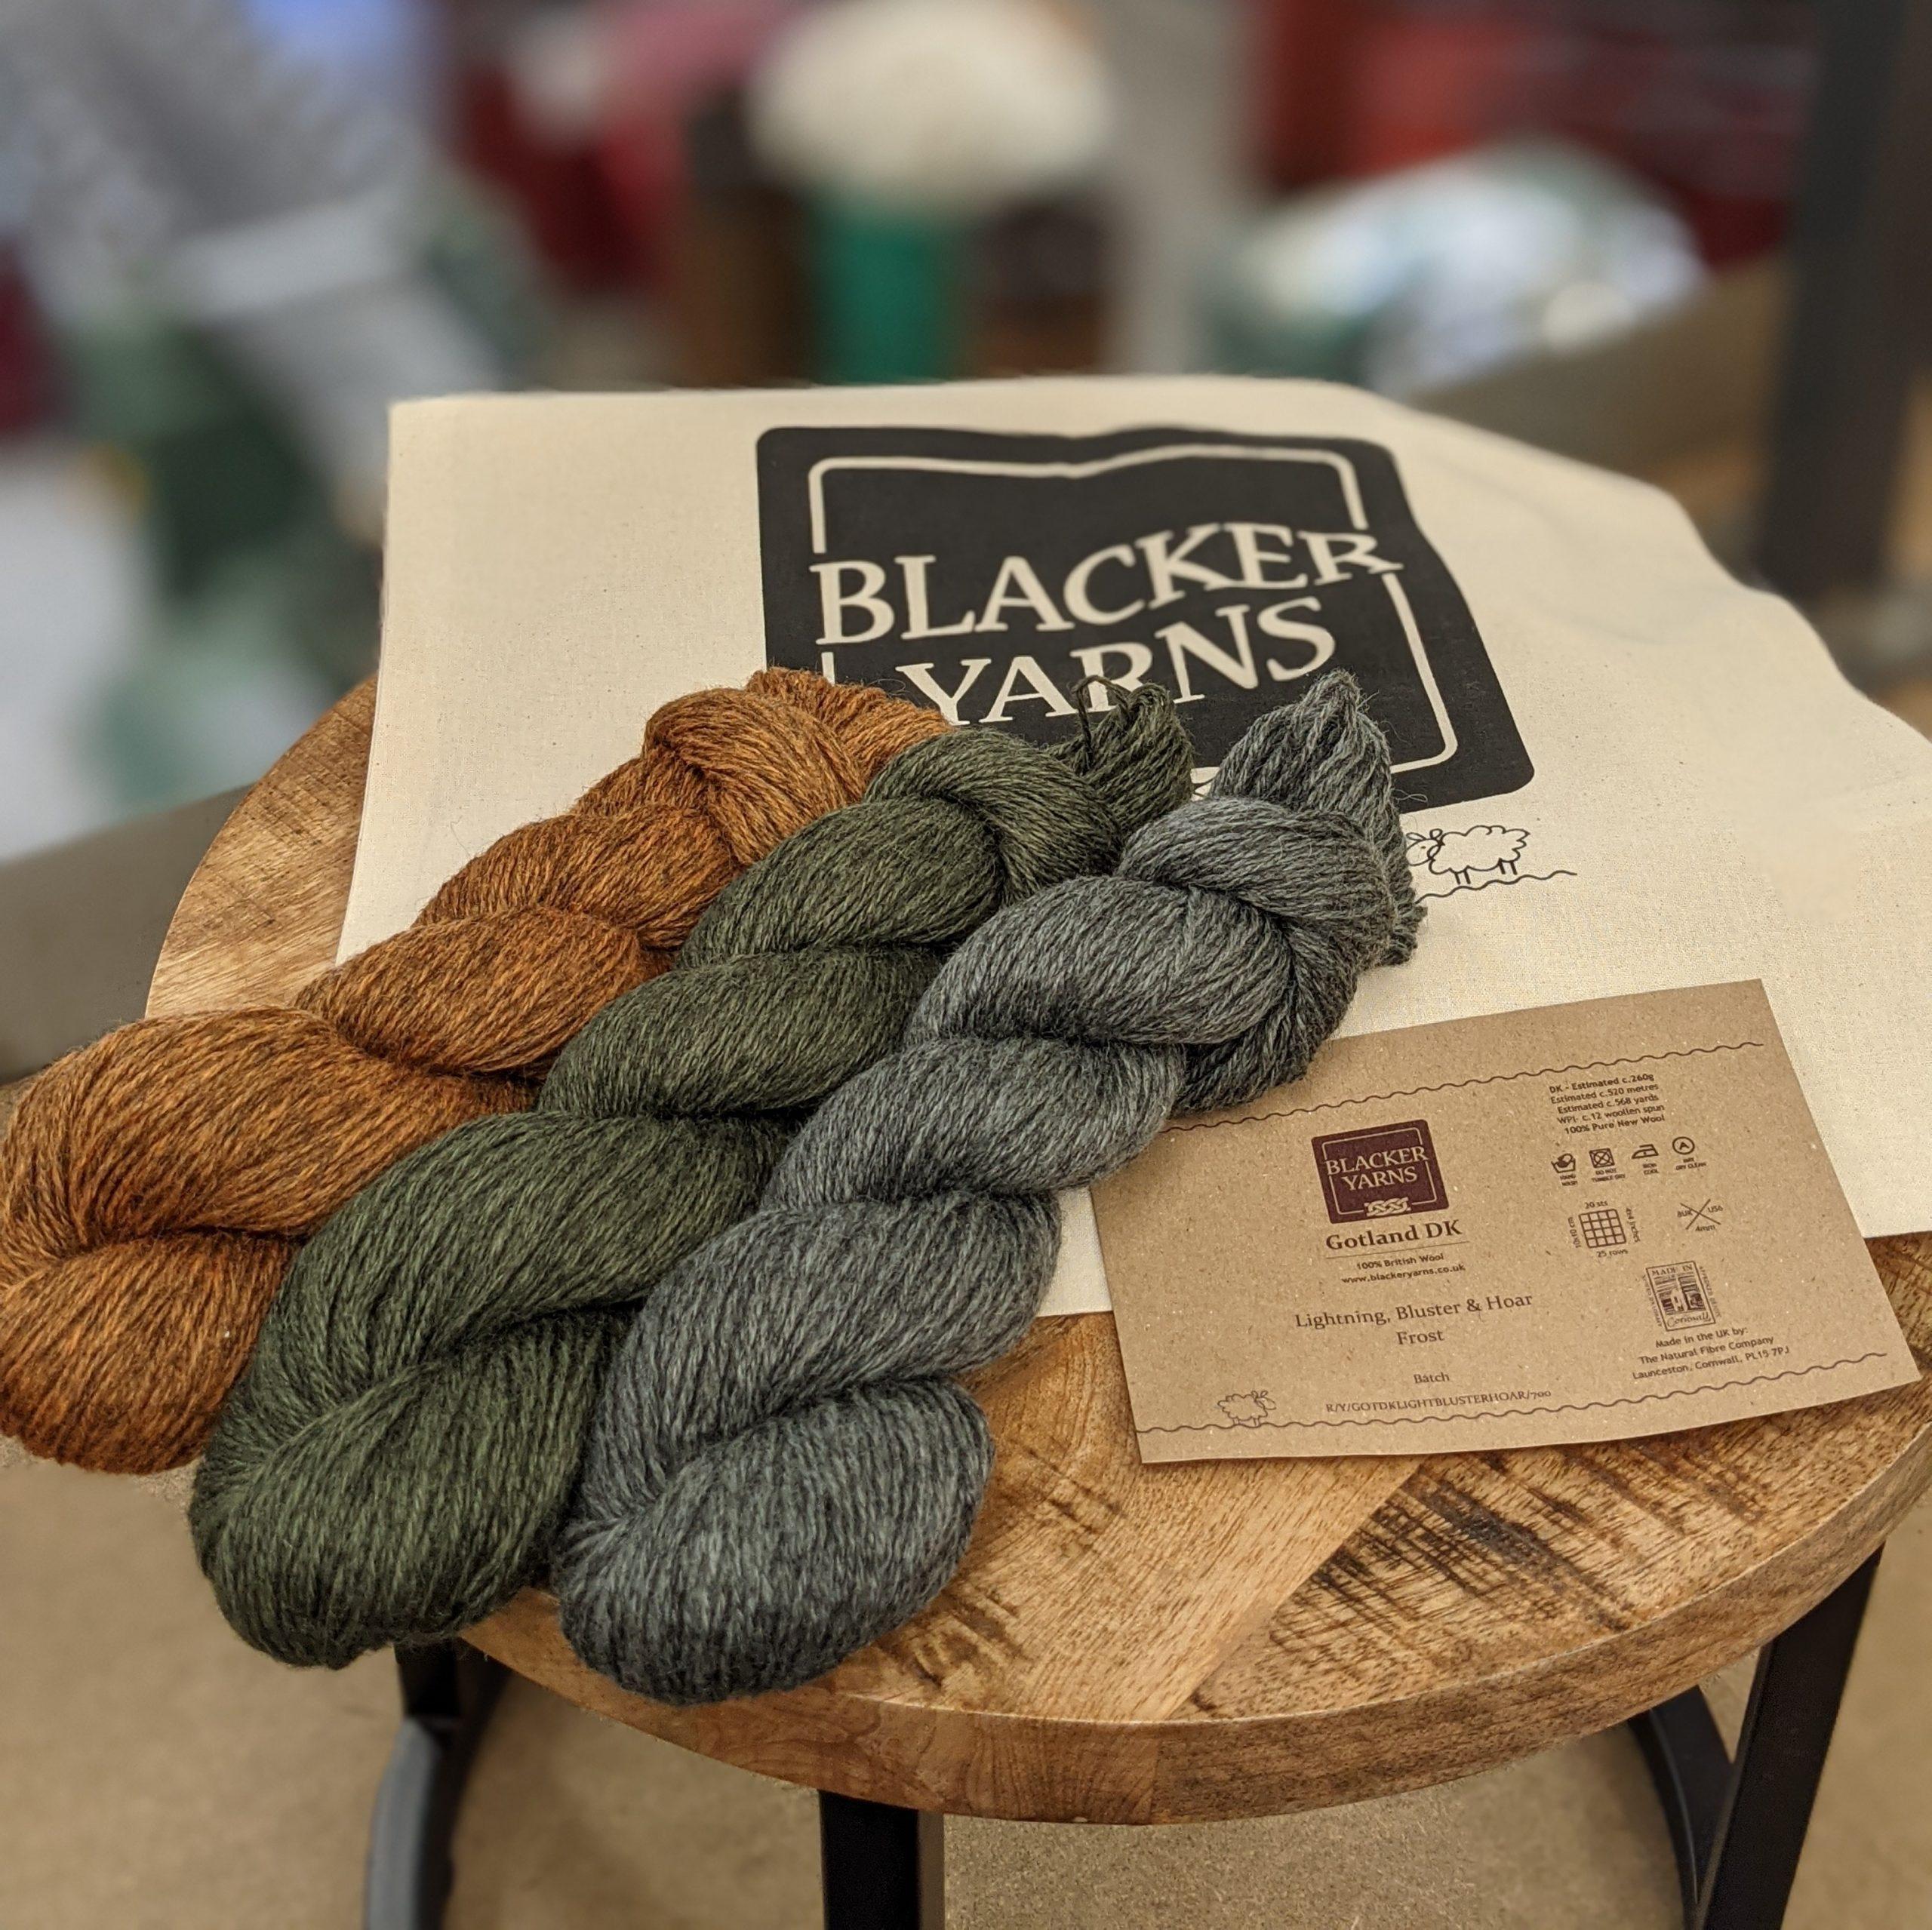 L B HF scaled - Blacker Yarns